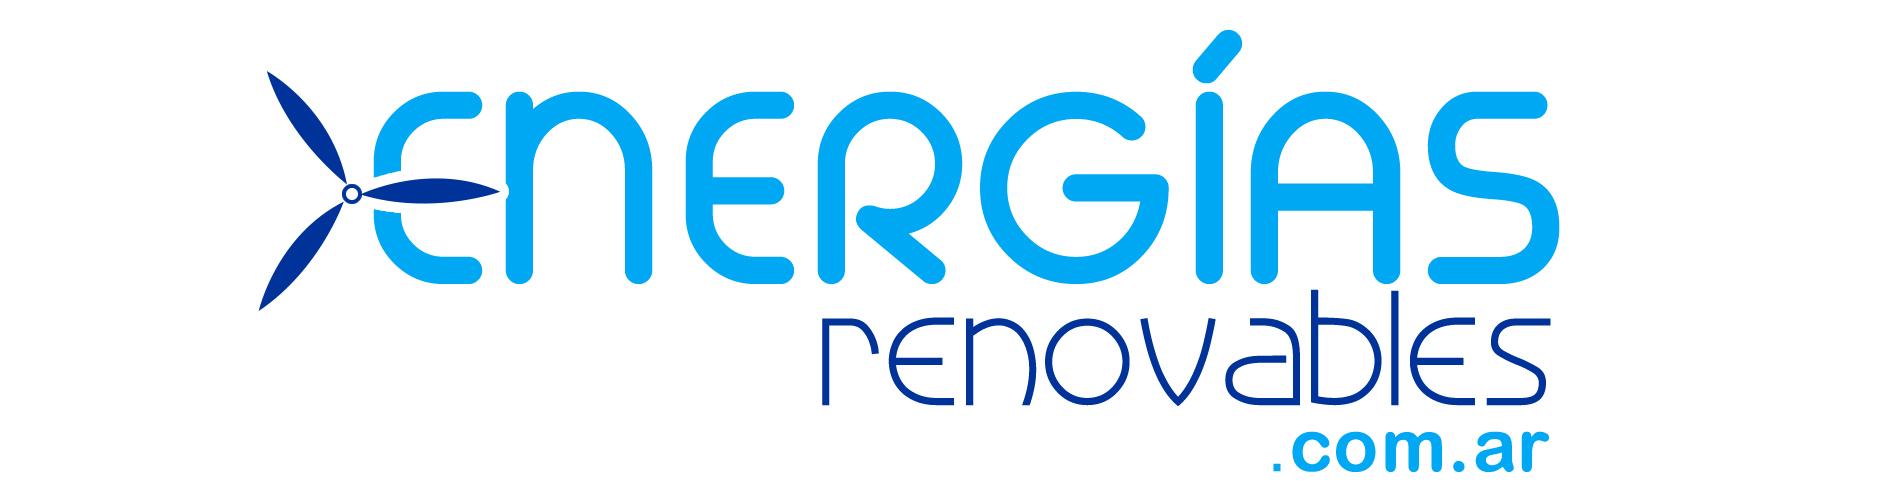 ENERGIAS RENOVABLES ARGENTINA-Energía Renovable-Noticias sobre Energías Renovables en Argentina y Latam